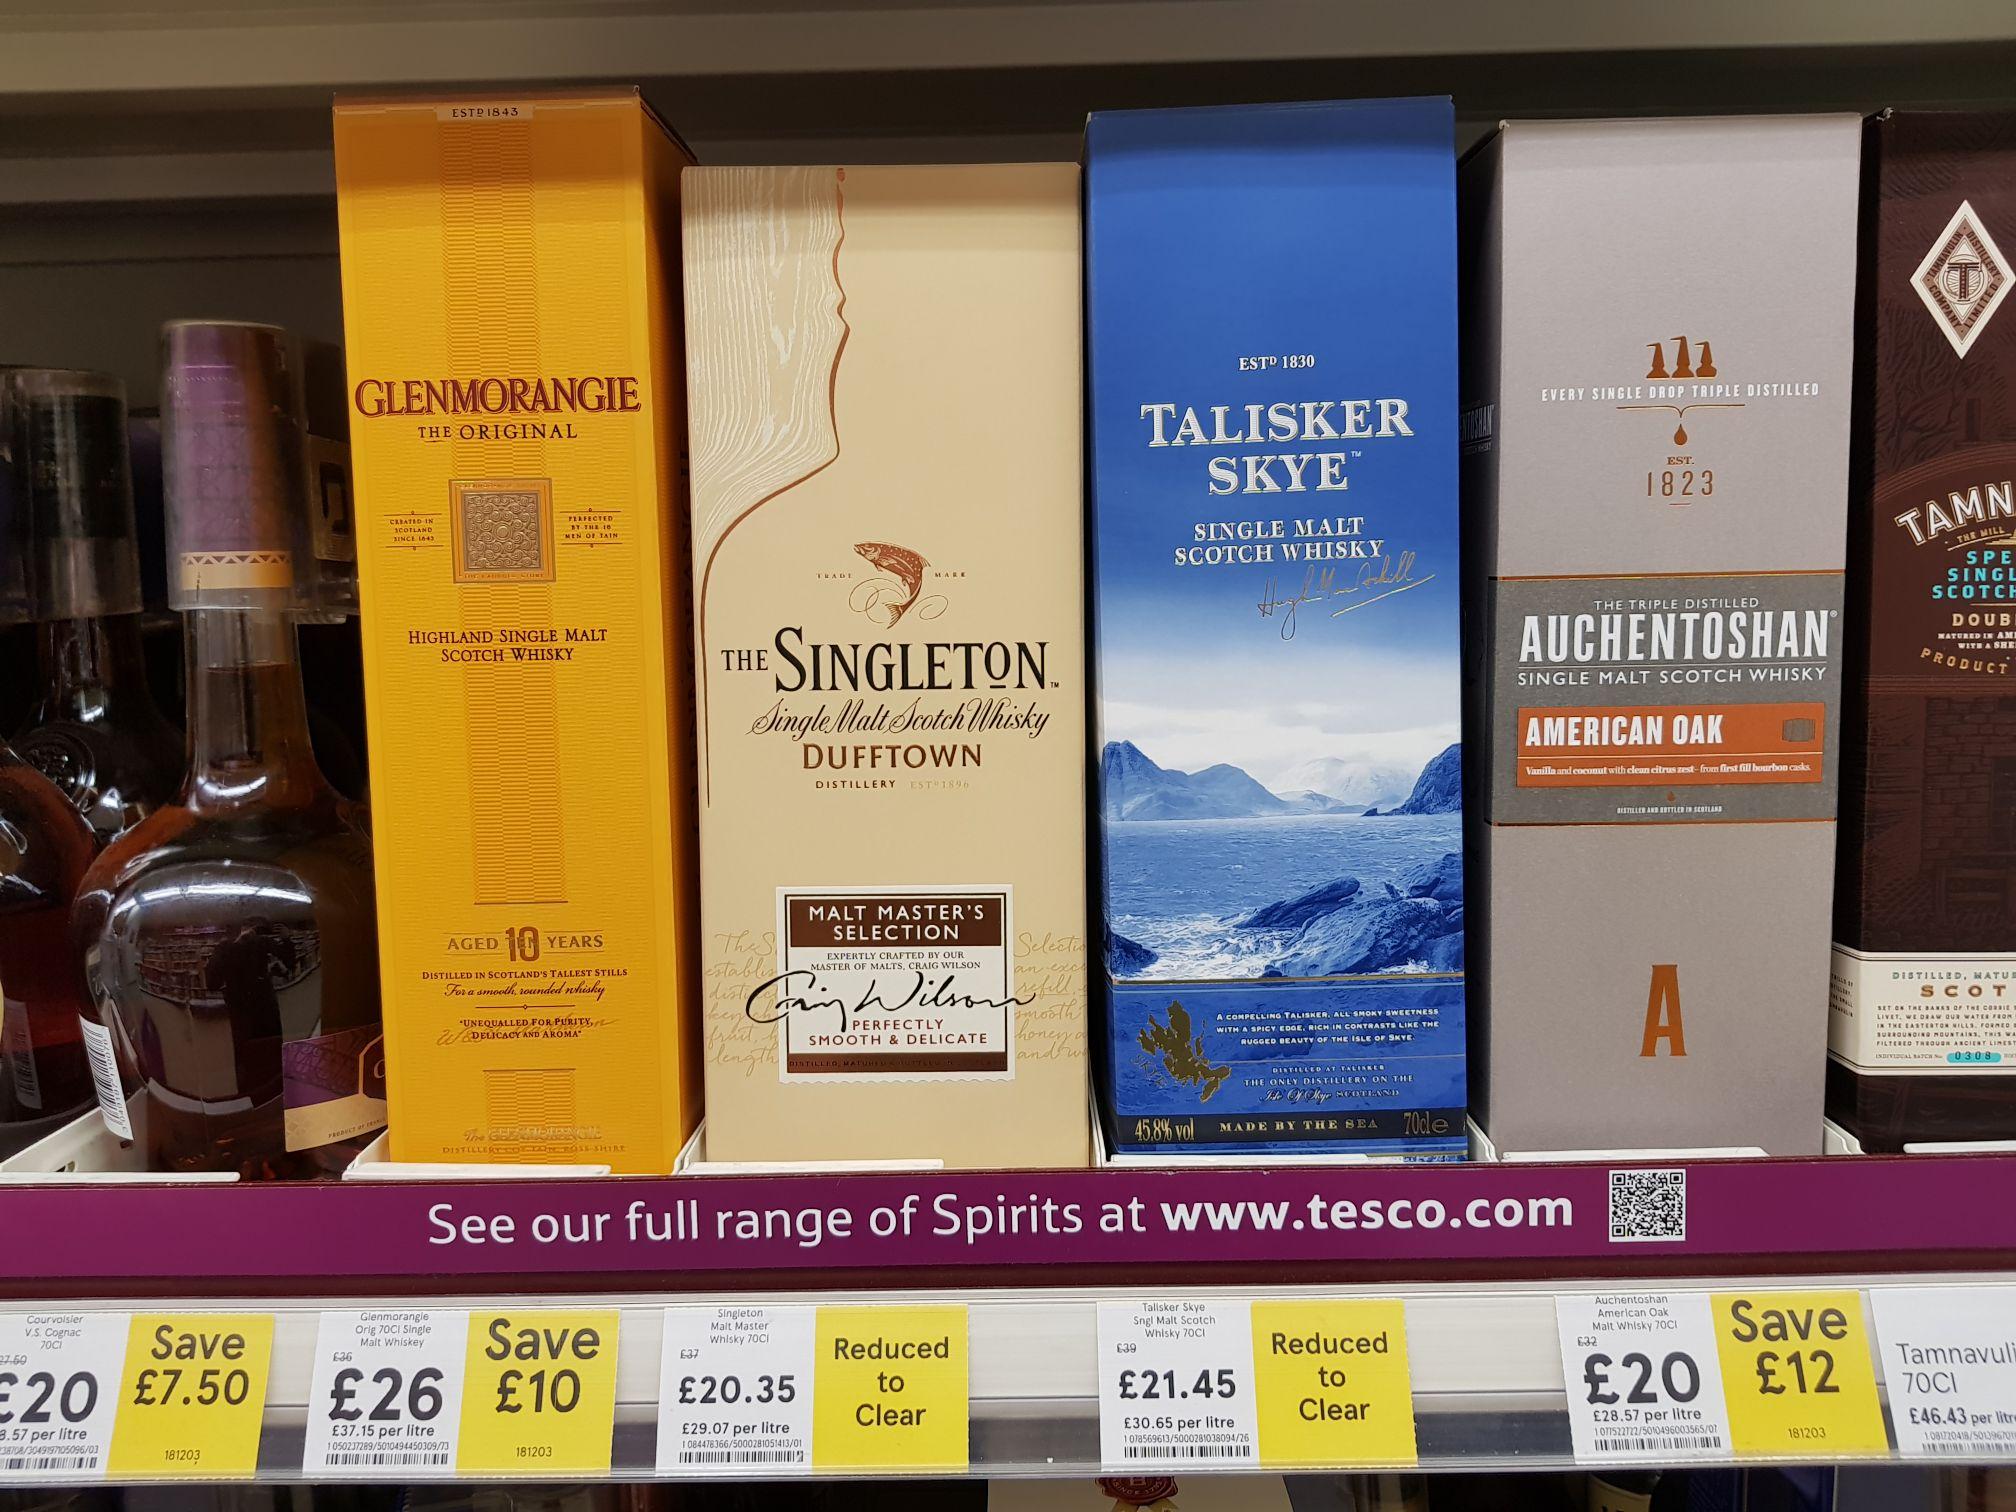 Tesco West St Sheffield; Reduced scotch Whisky - The Singleton £20.35 / Talisker Skye £21.45 / Glenmorangie £26 / Auchentoshan £20 - instore